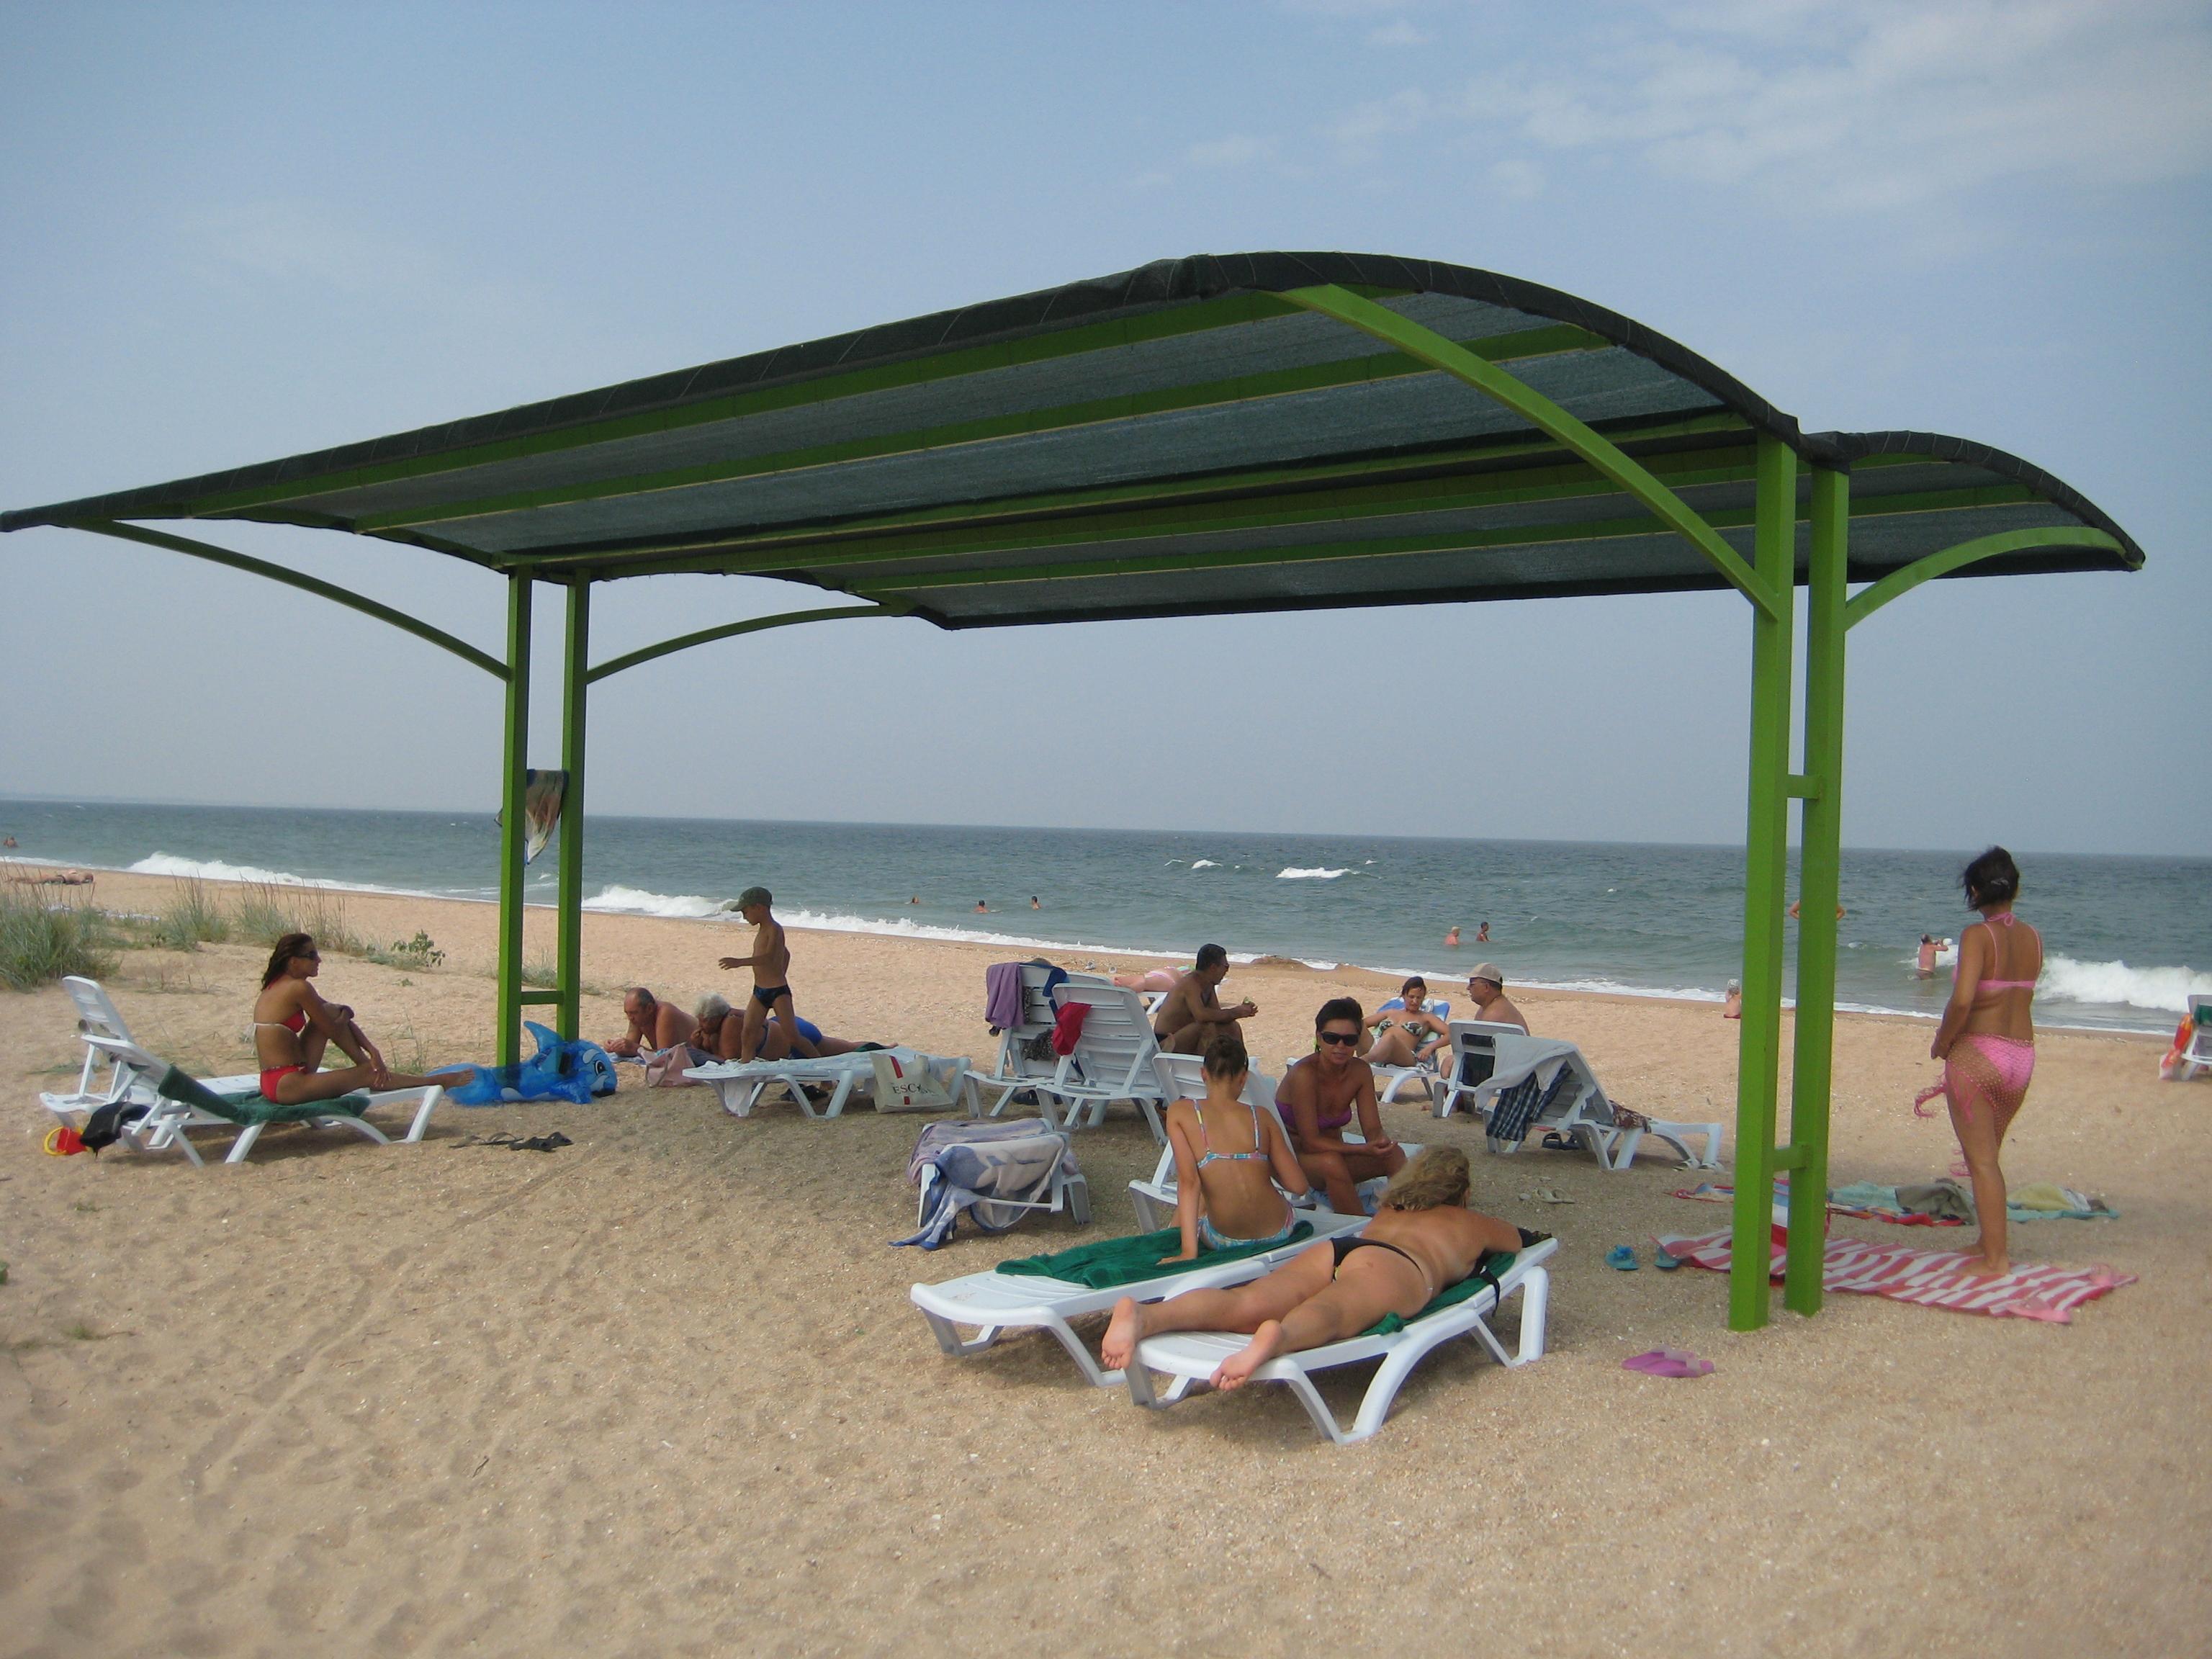 Пляж в Новоотрадном в Крыму - карта, фото, видео, описание